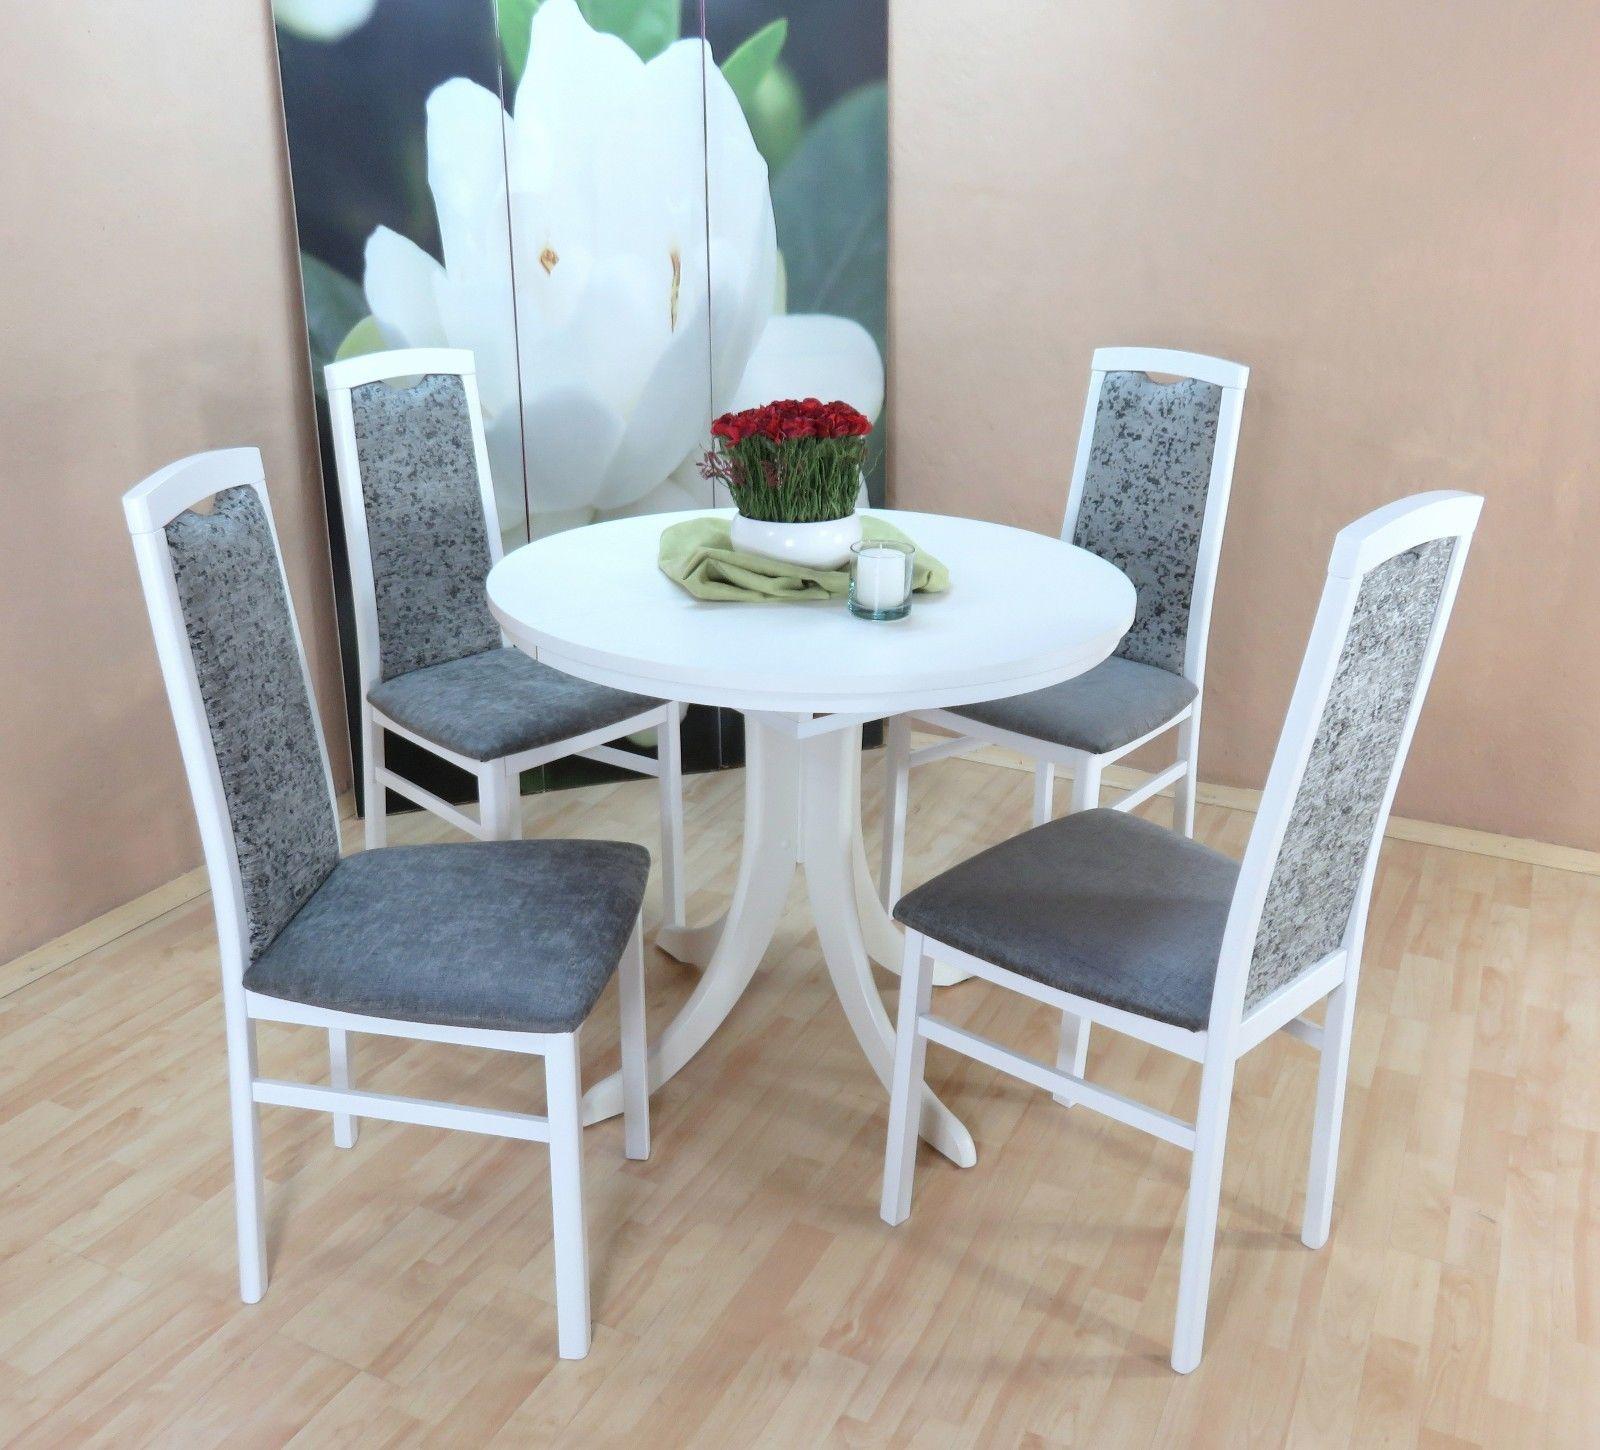 essgruppe rund polyrattan farsund mm sthle tisch rund cm cm sitzkissen jetzt bestellen unter. Black Bedroom Furniture Sets. Home Design Ideas